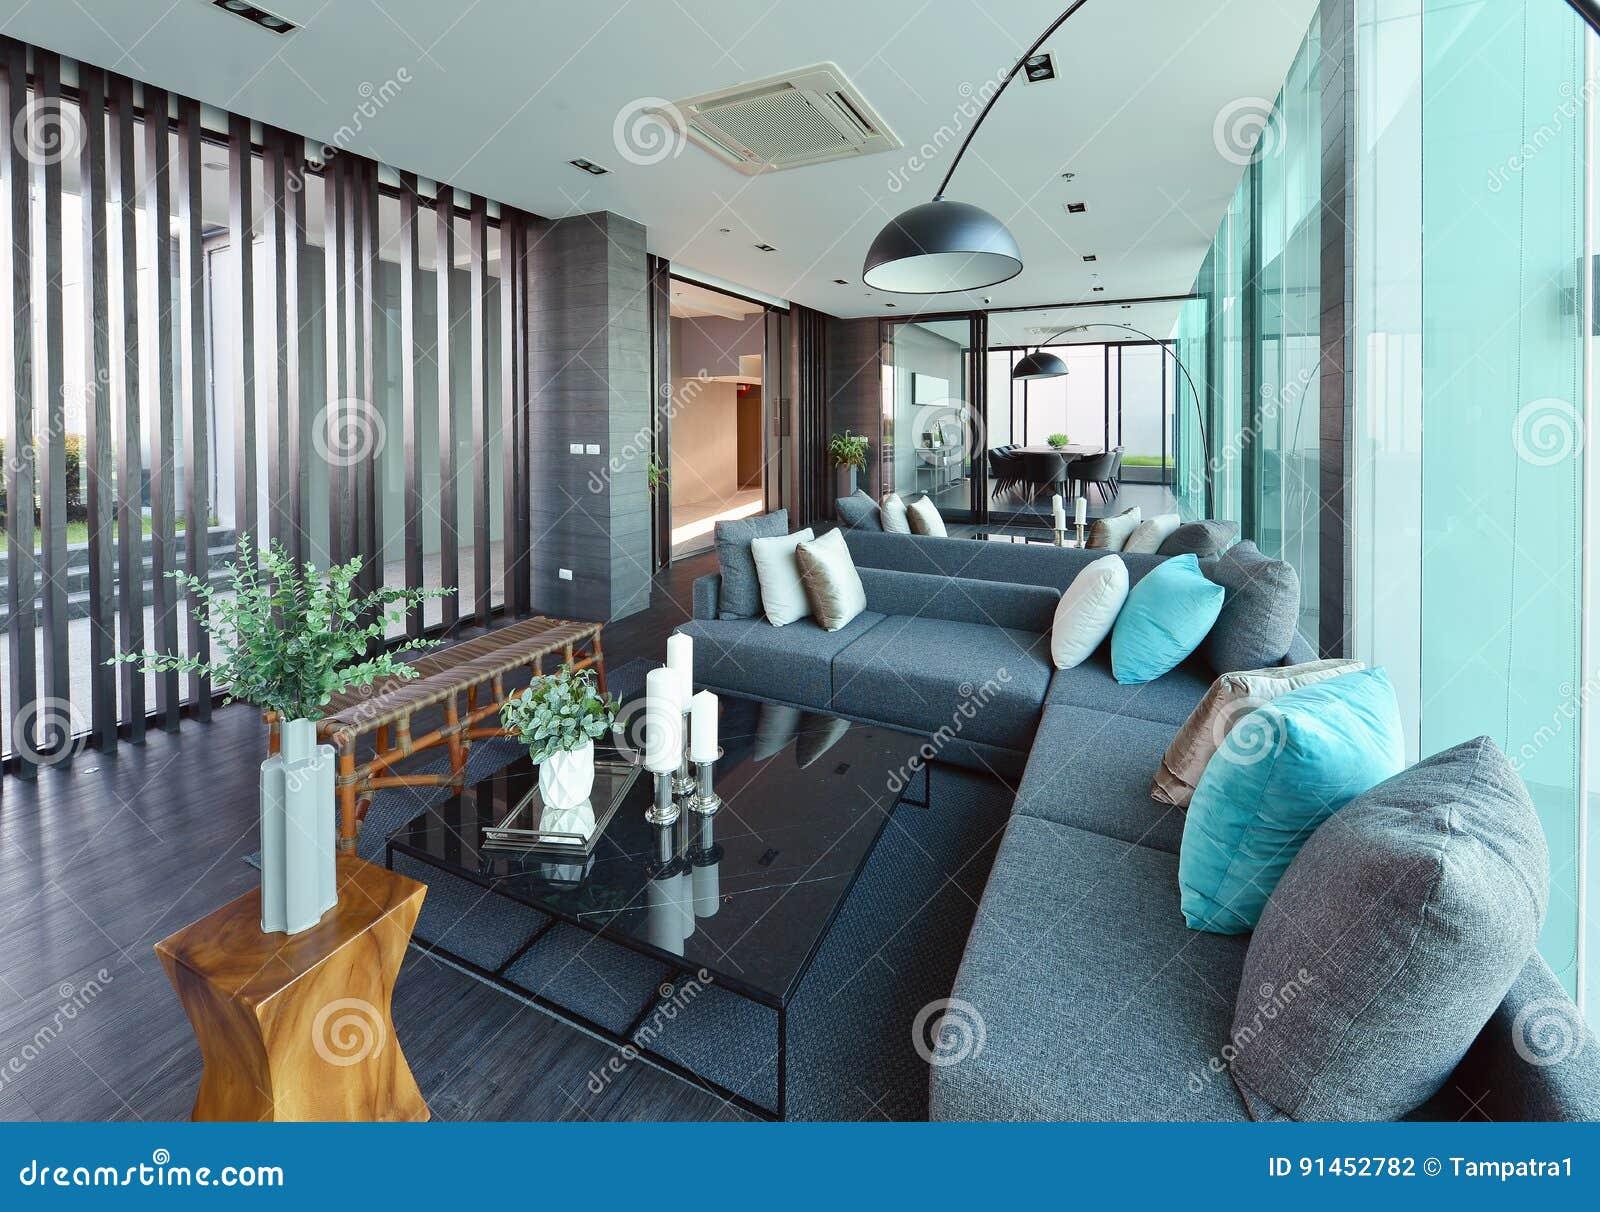 Luxus Moderner Wohnzimmerinnenraum Und Dekoration Innen Desi Stockfoto Bild Von Moderner Dekoration 91452782